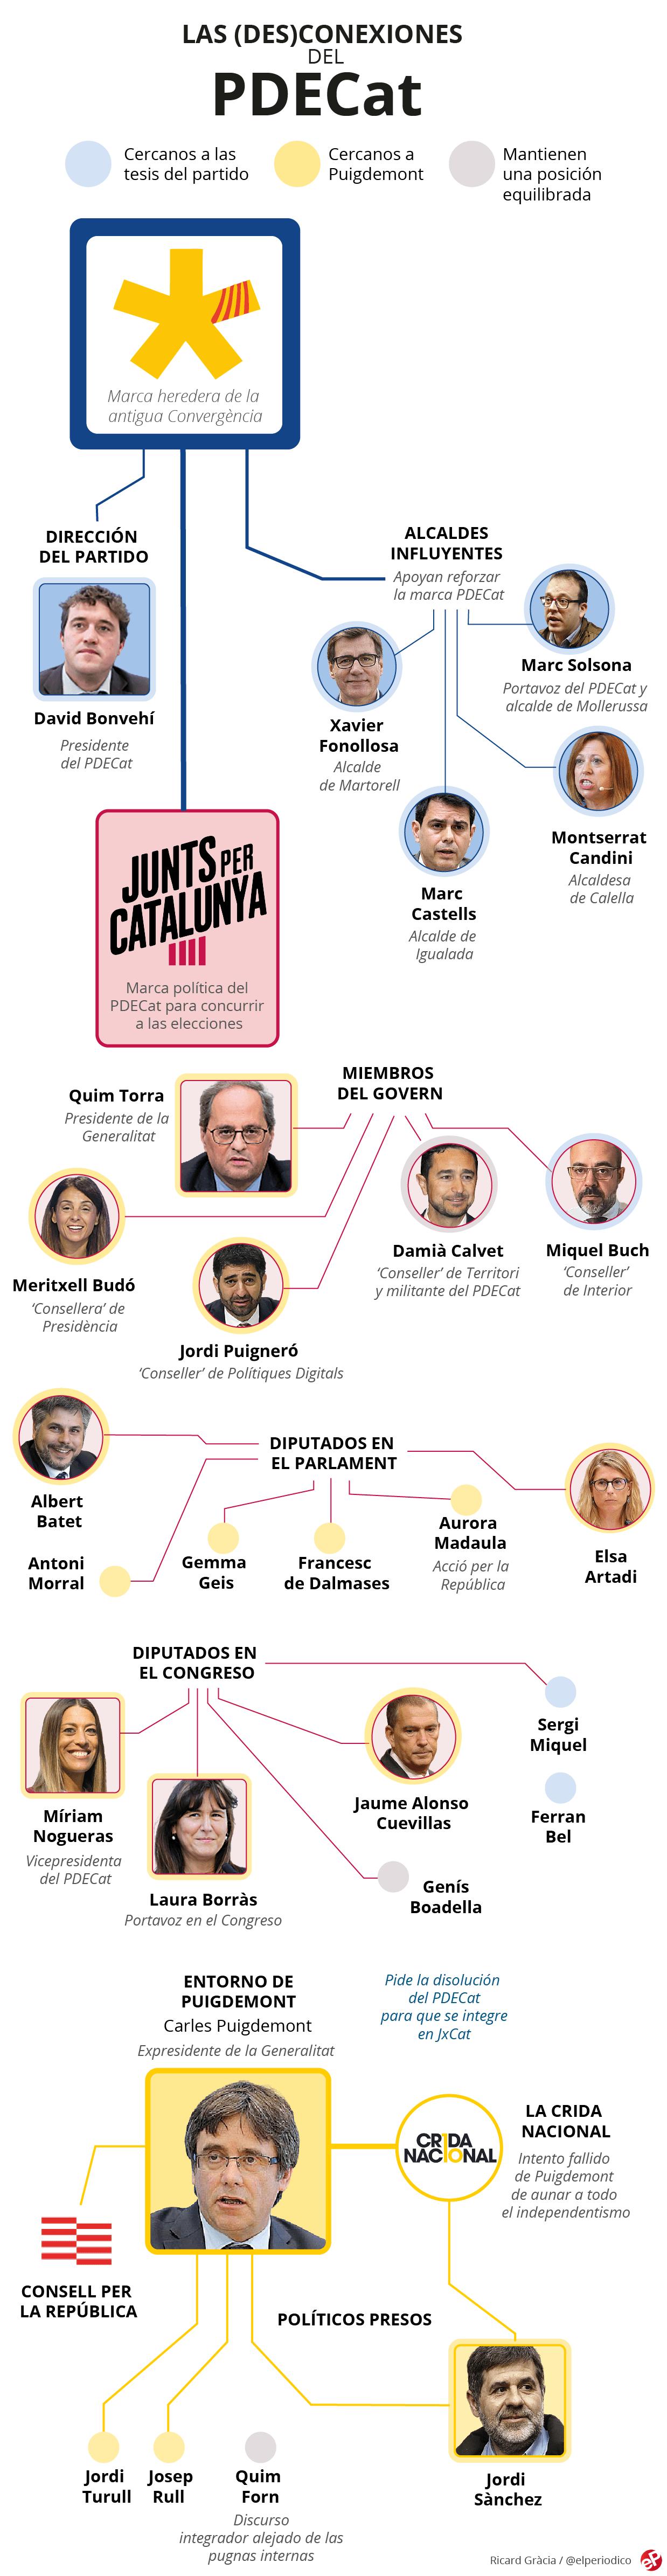 Las (des)conexiones del PDECat | Gráfico